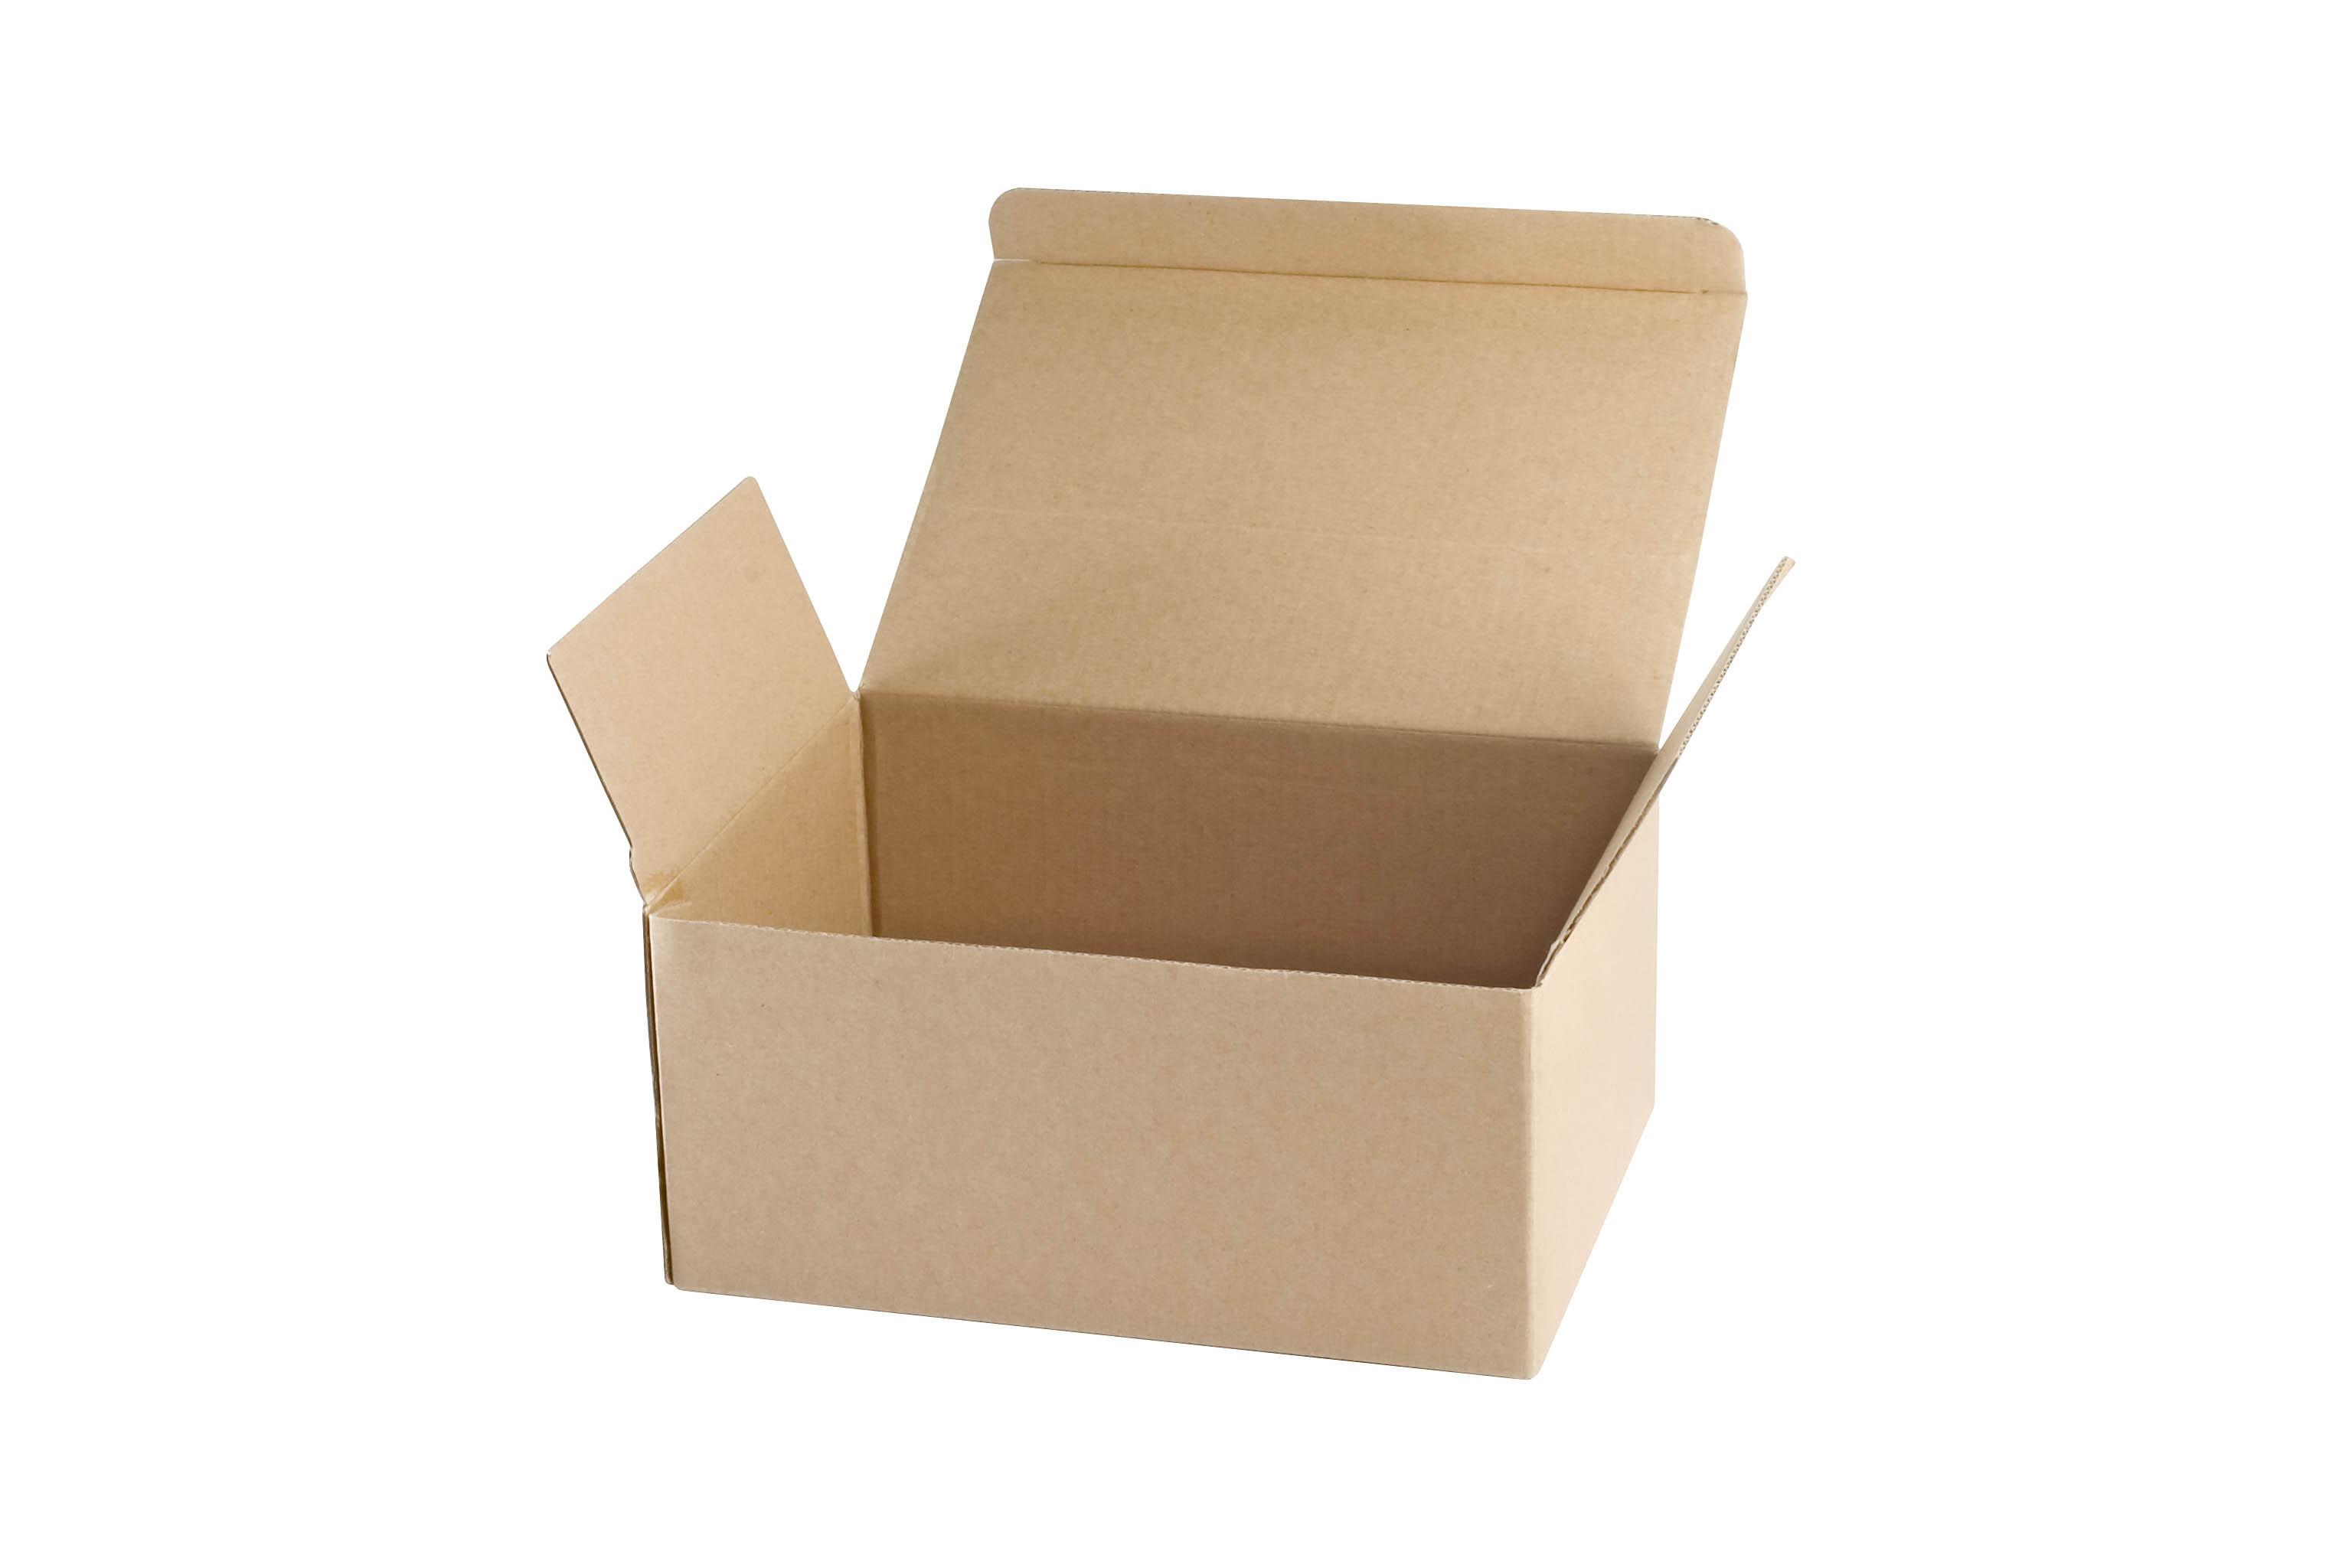 UN box 2 - Cardboard boxes stack